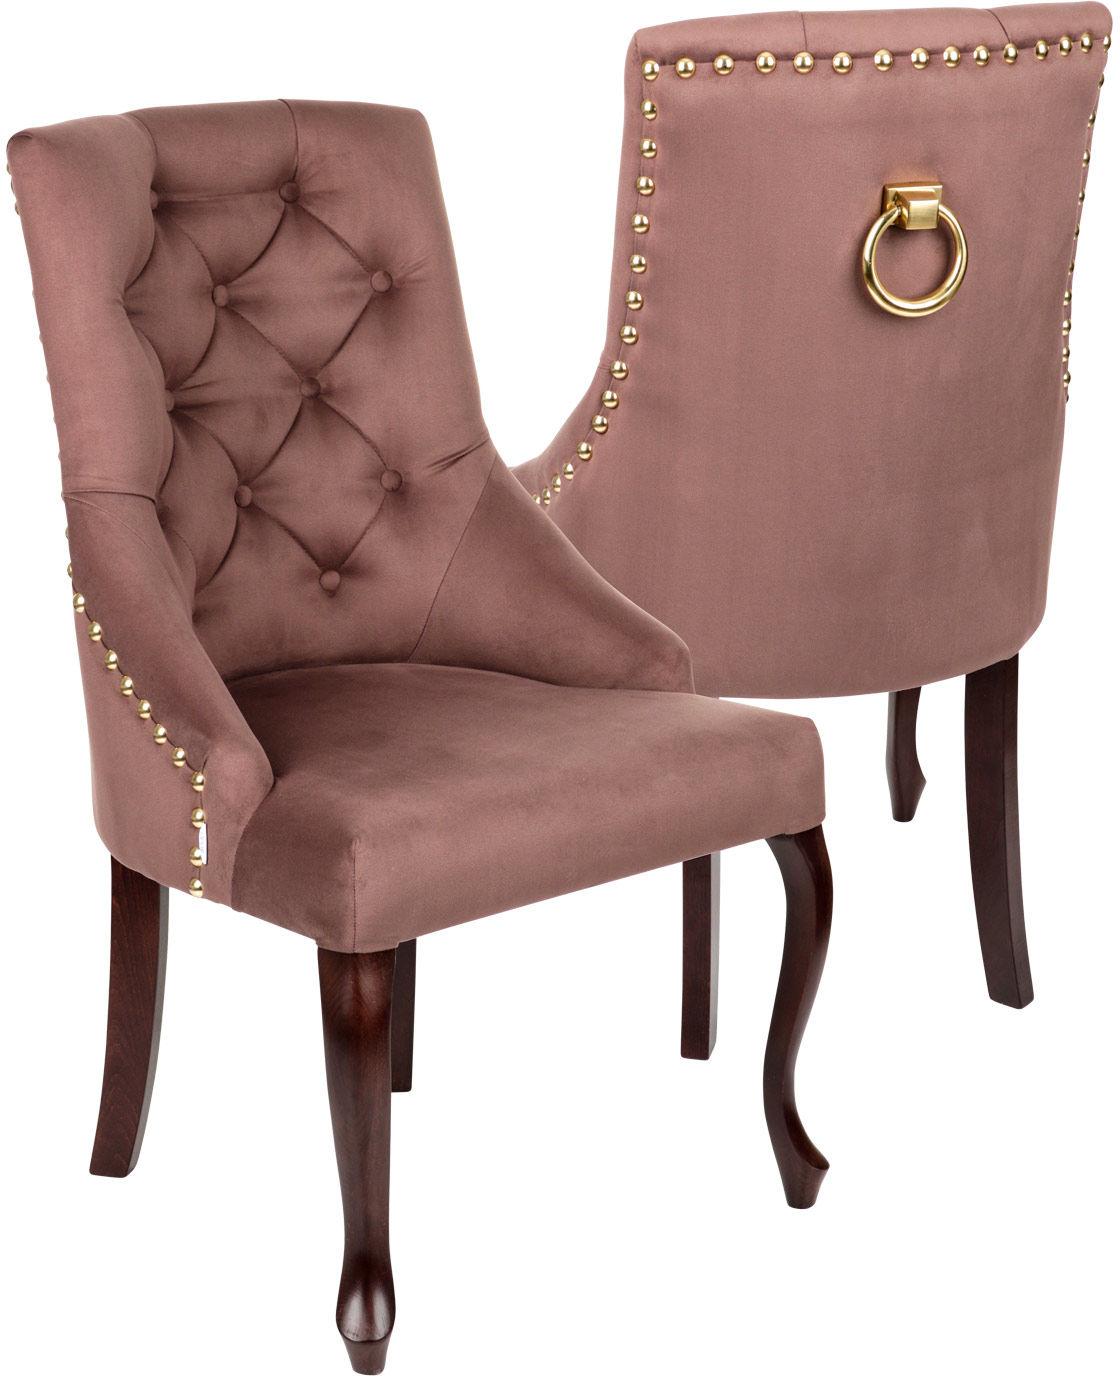 Krzesło Sisi 3 z pinezkami i kołatką, nogi Ludwik, stylowe, ozdobne, eleganckie, do jadalni, do kawiarni, do restauracji